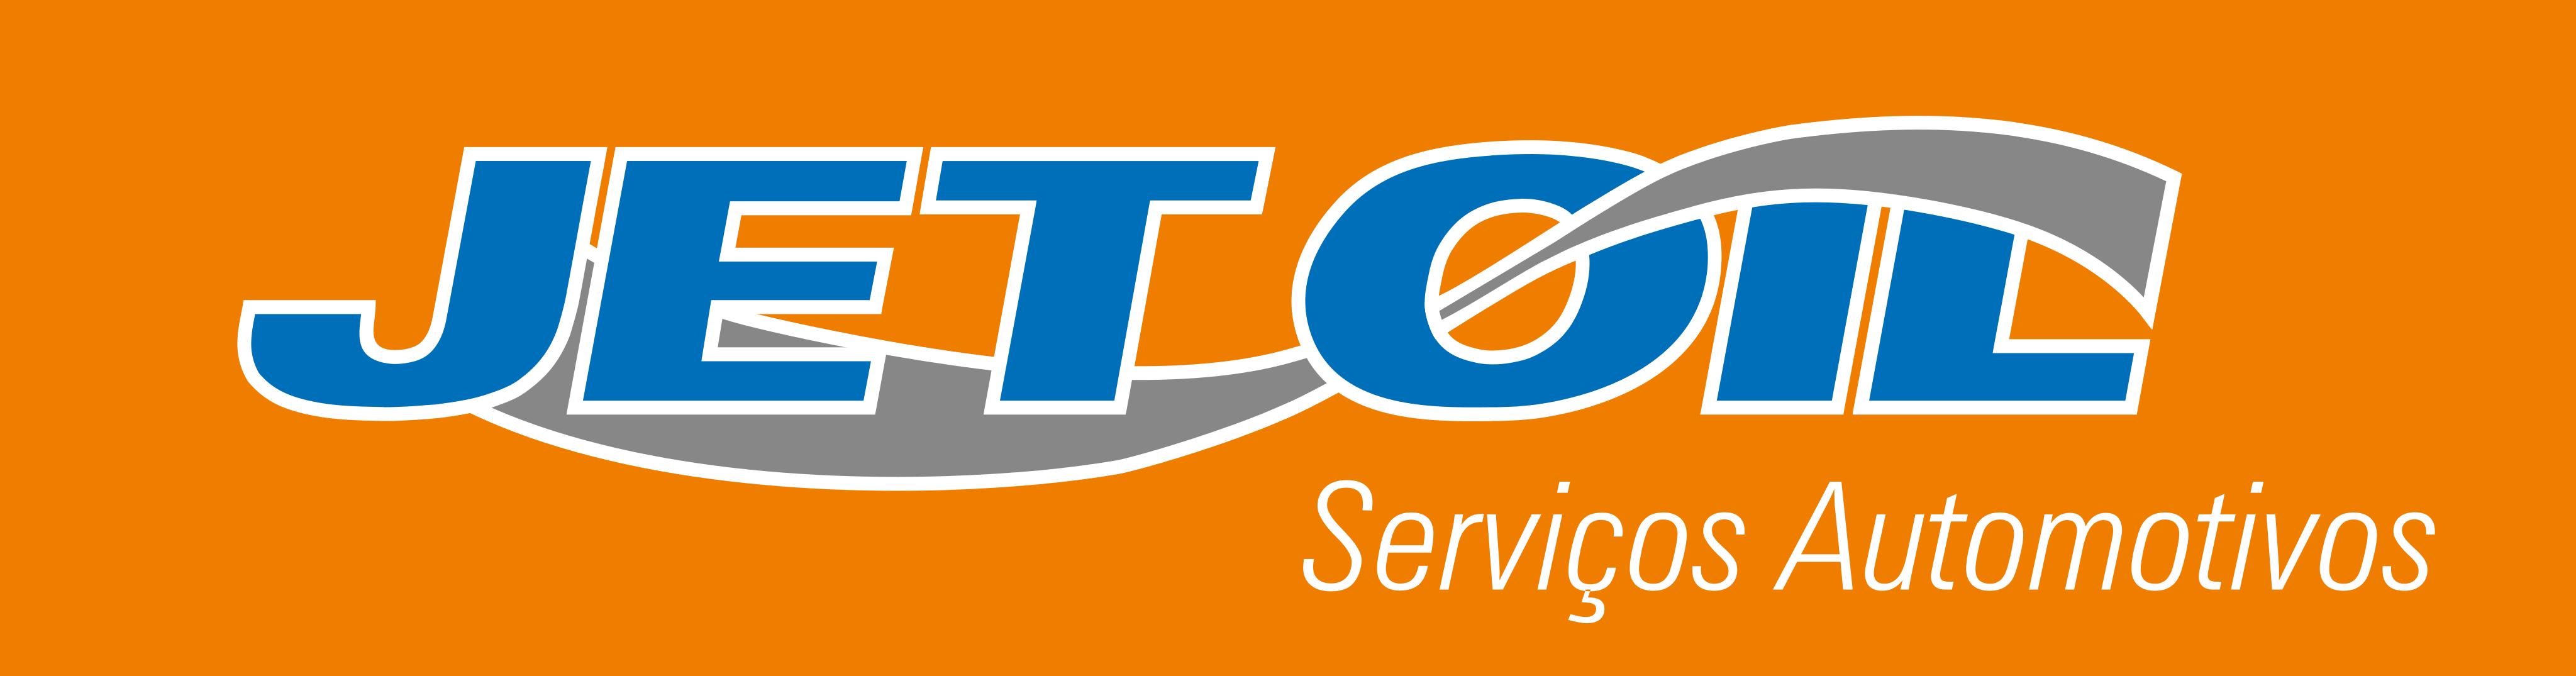 Jet Oil Logo.